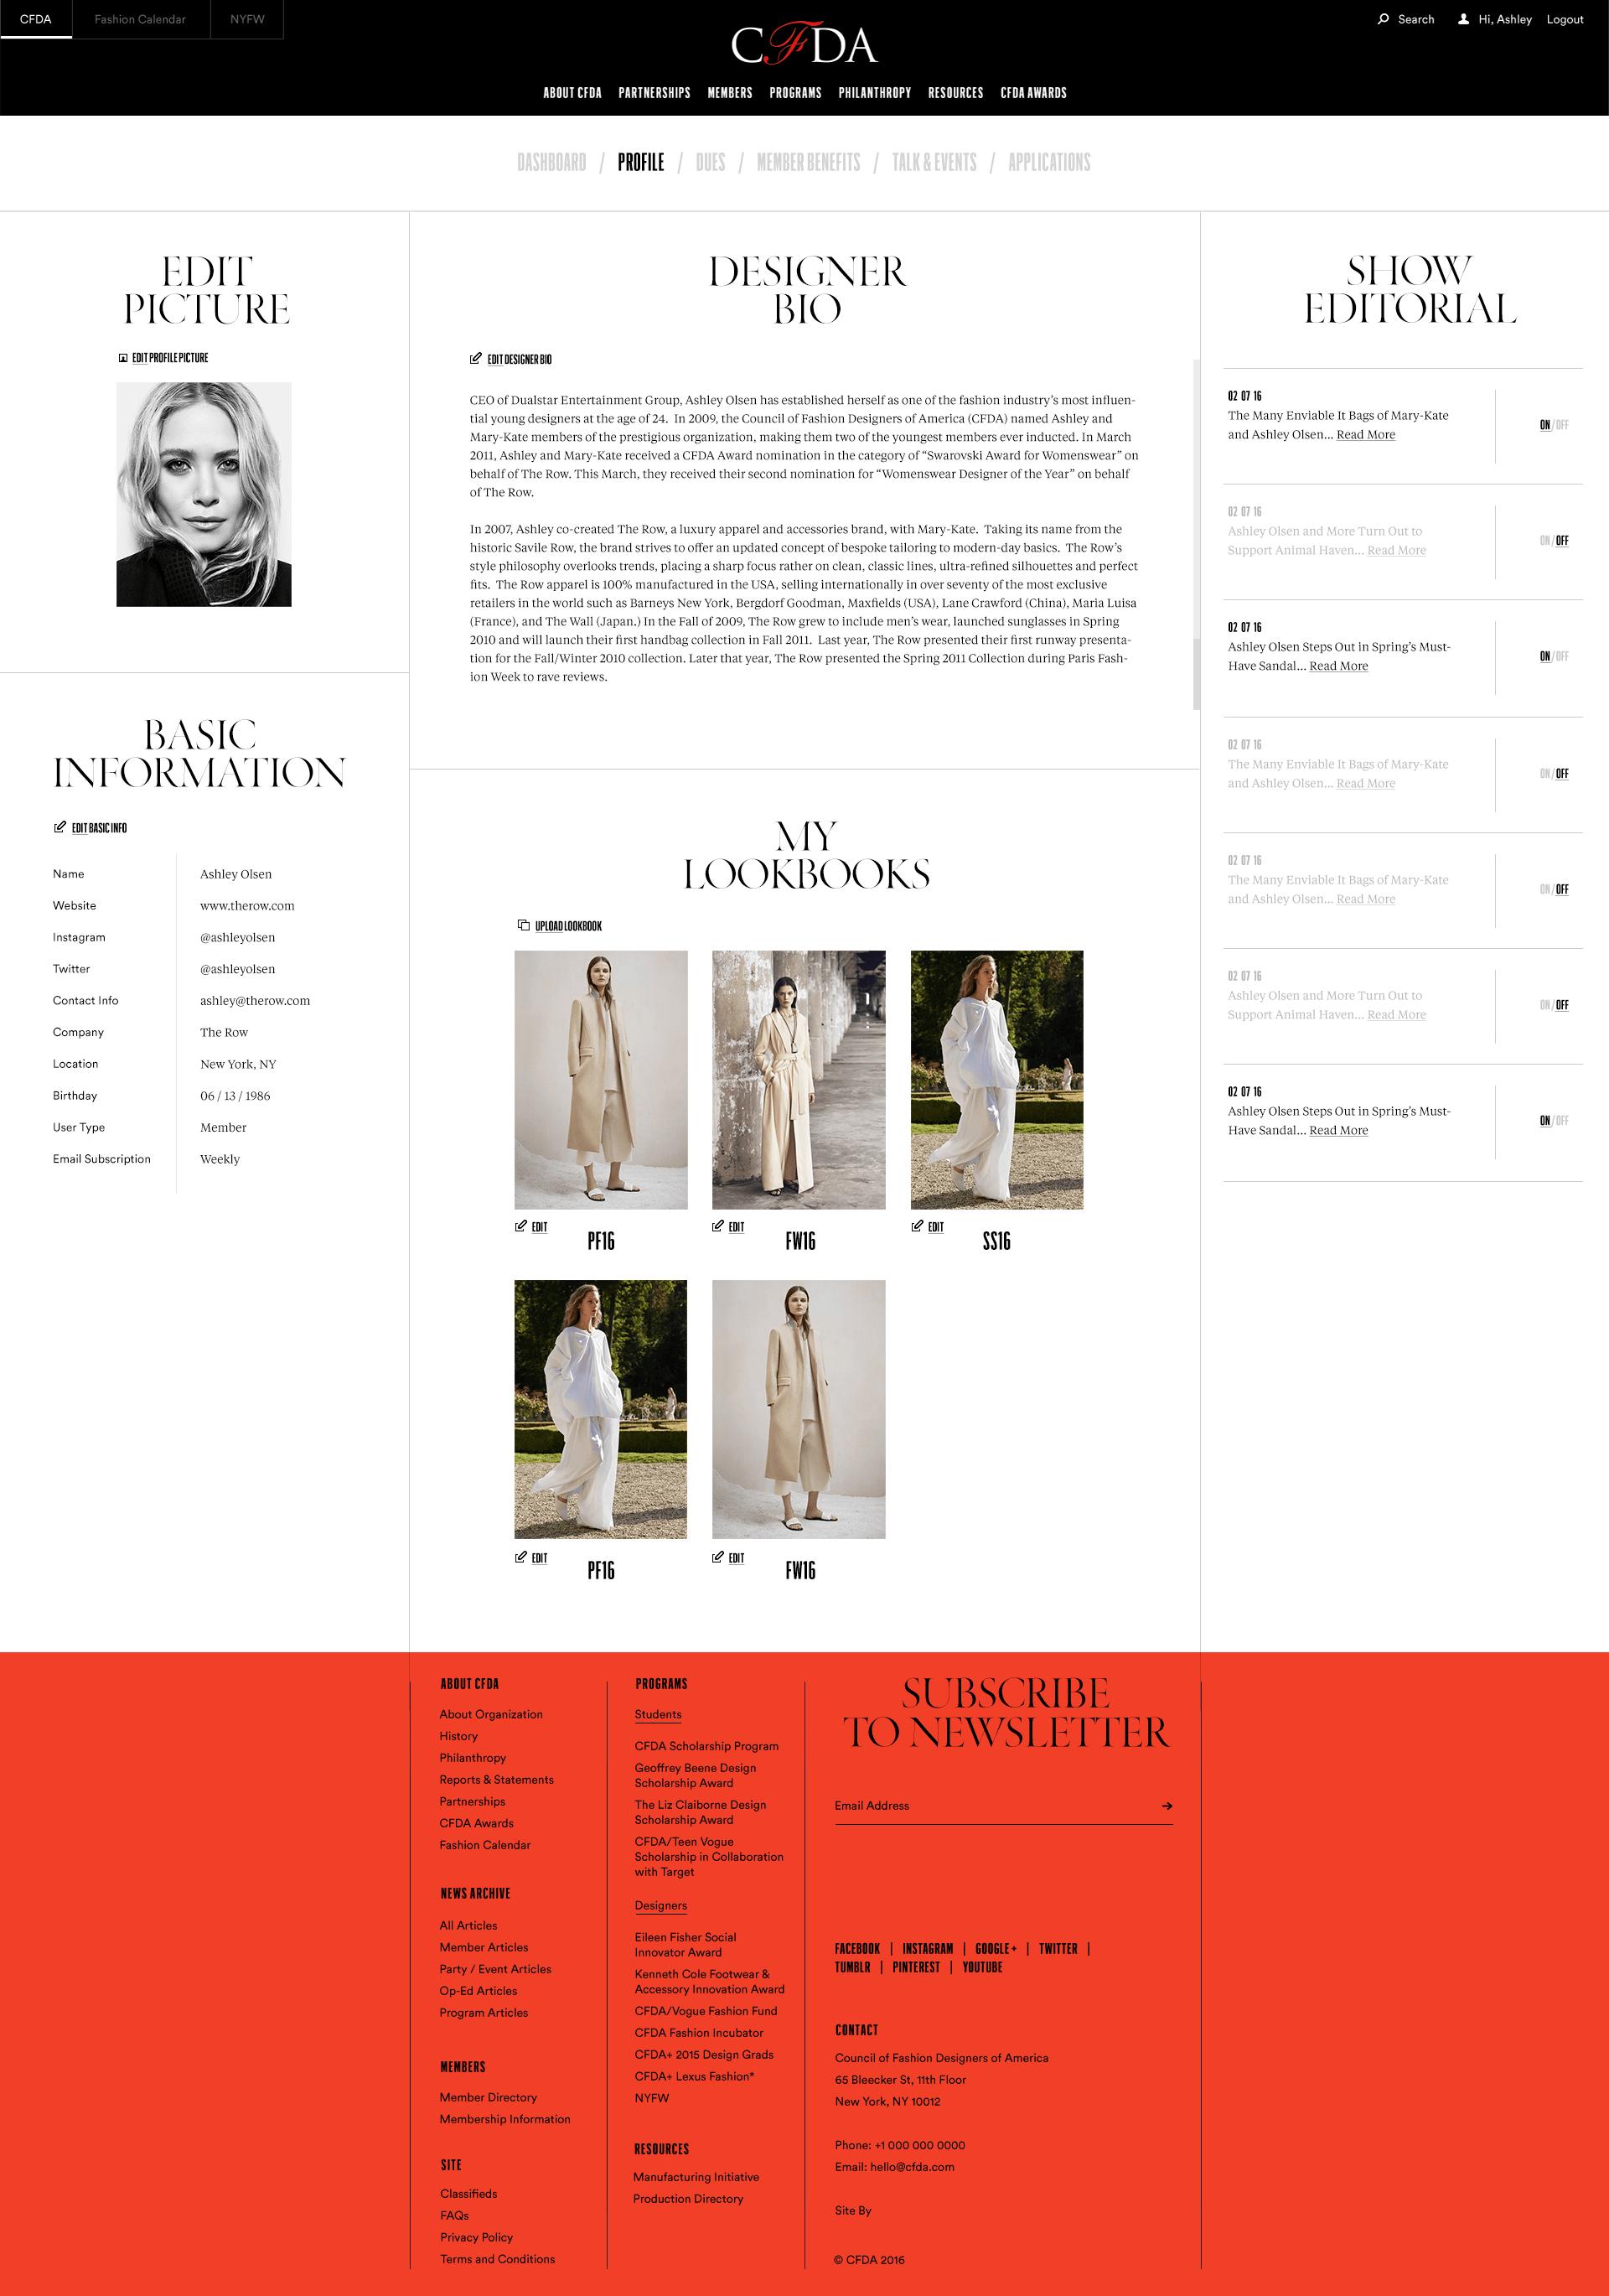 Editorial Web Design Cfda Hugo Marie Nyc Web Design Web Design Tips Layout Design Inspiration